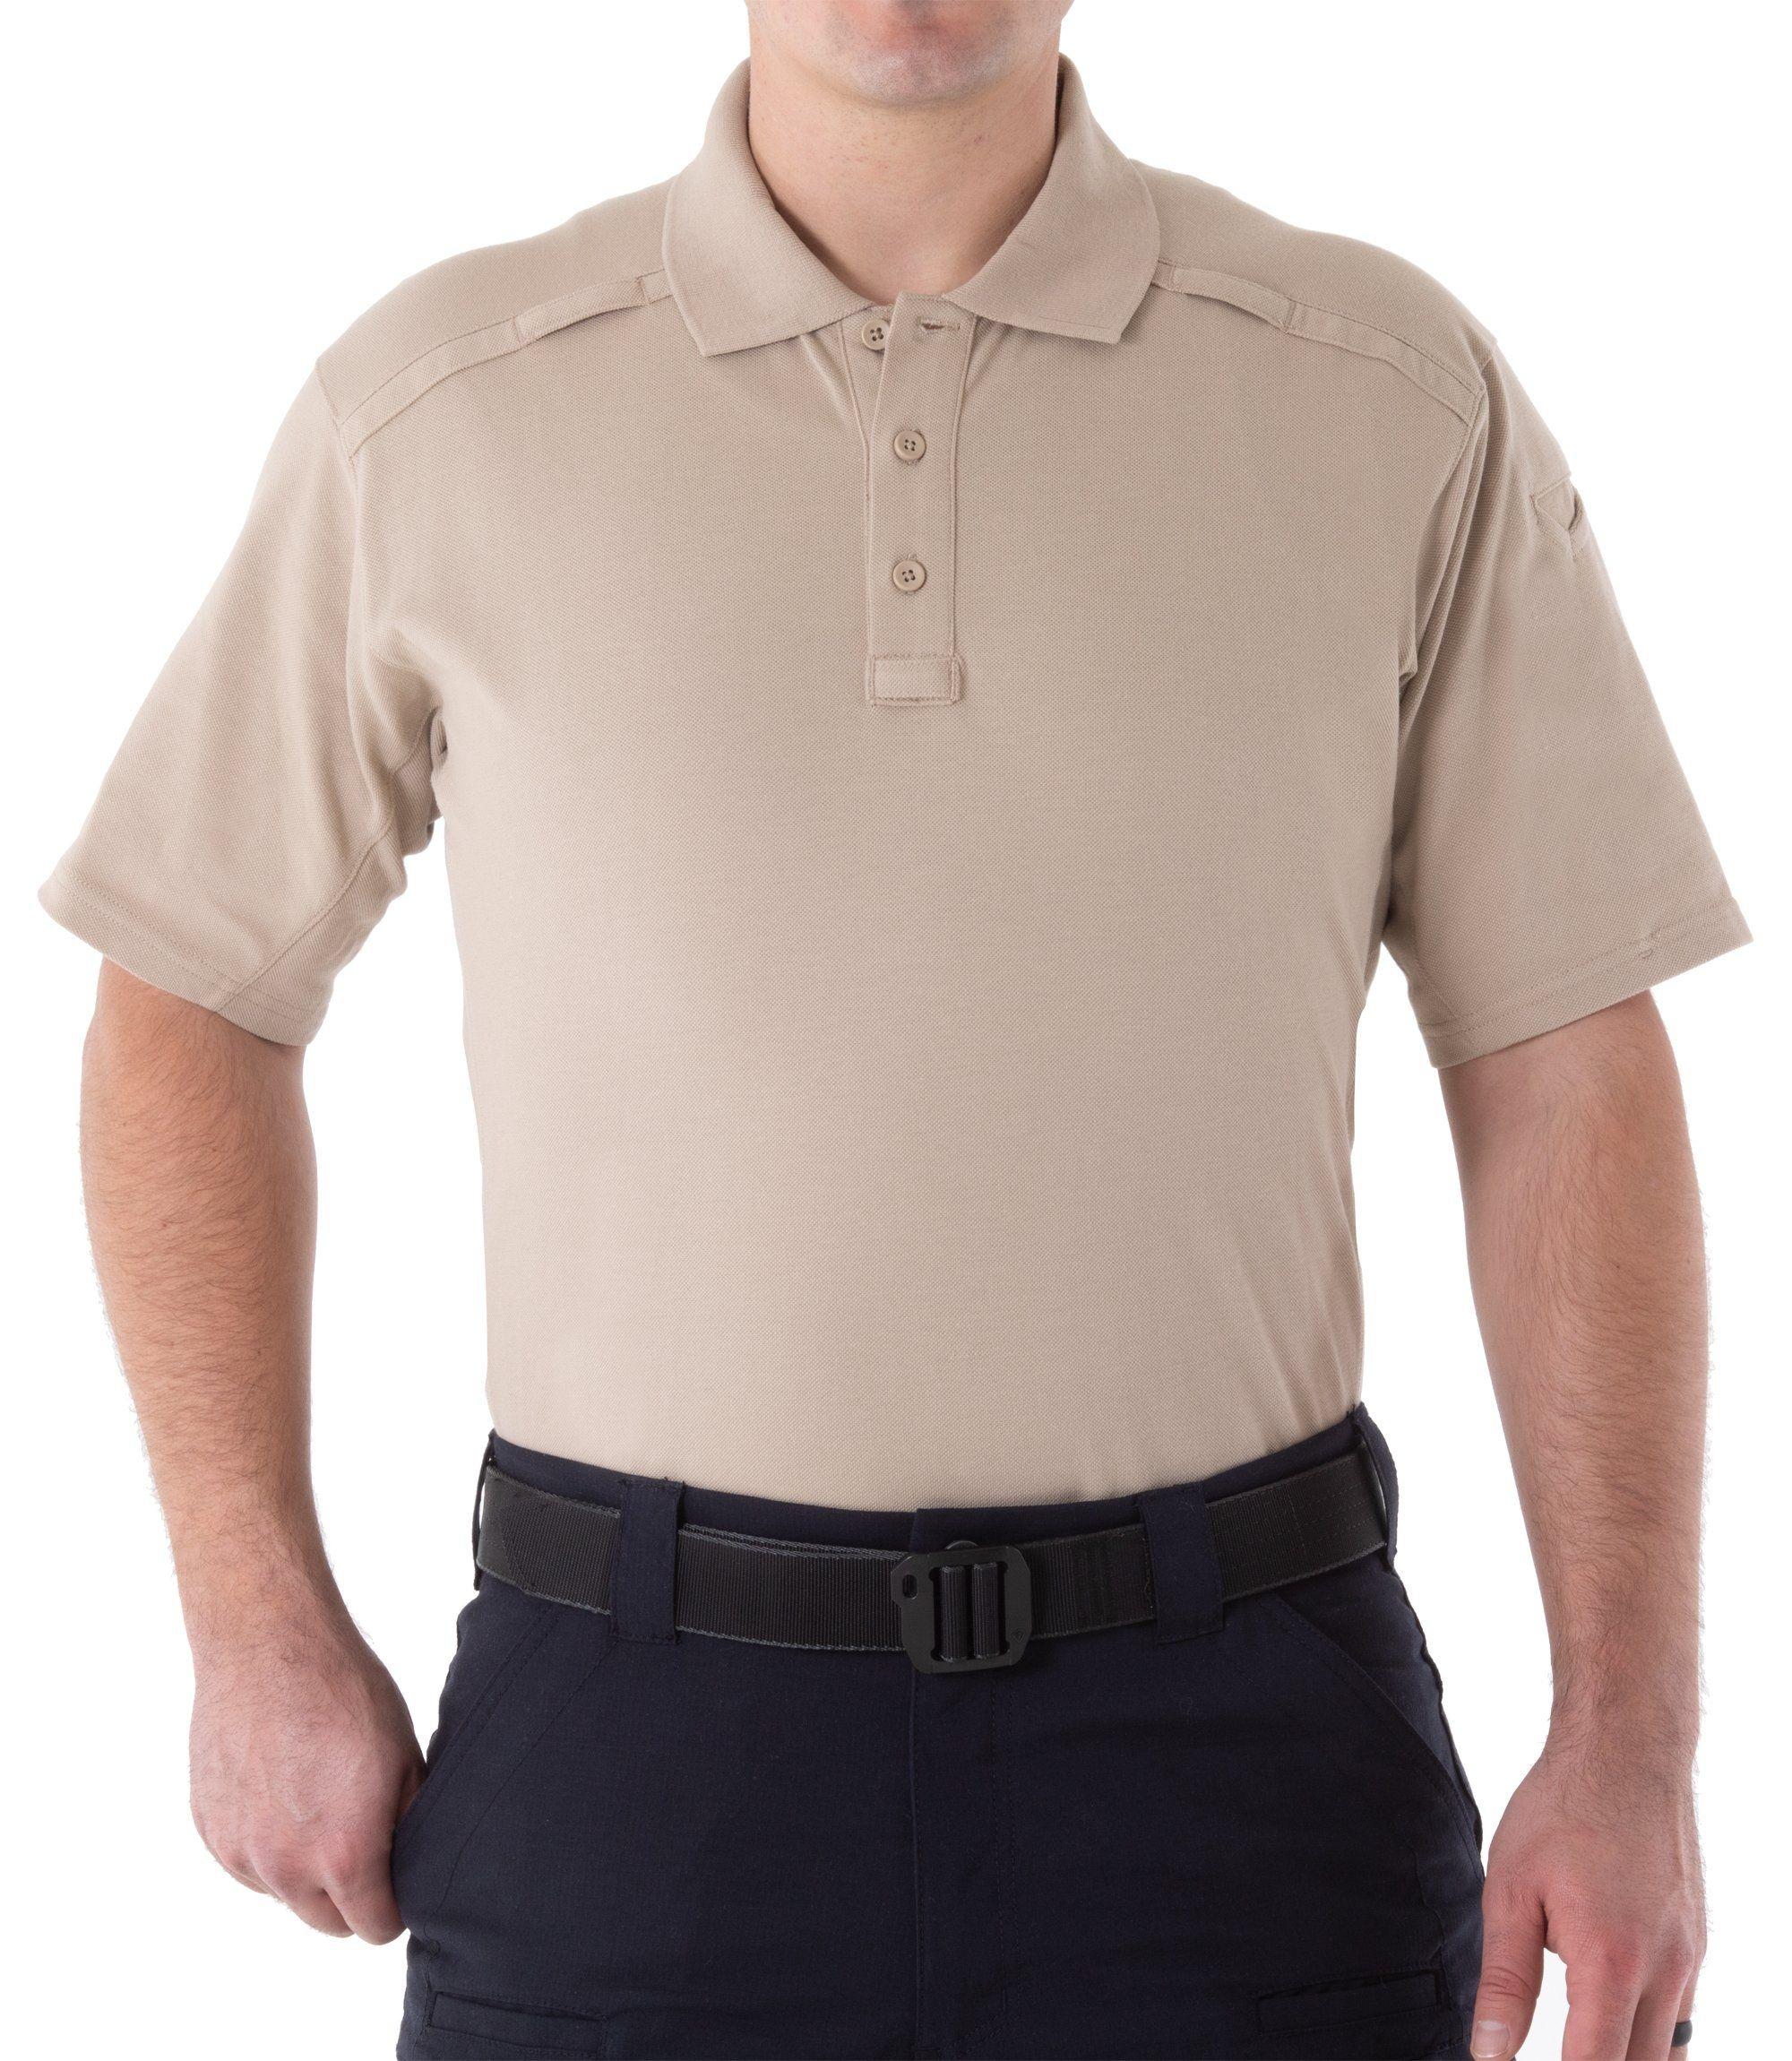 Image of Koszula polo z kieszonką na długopis 112508 khaki - rozmiar (a) l (u1t/112508 055 l)